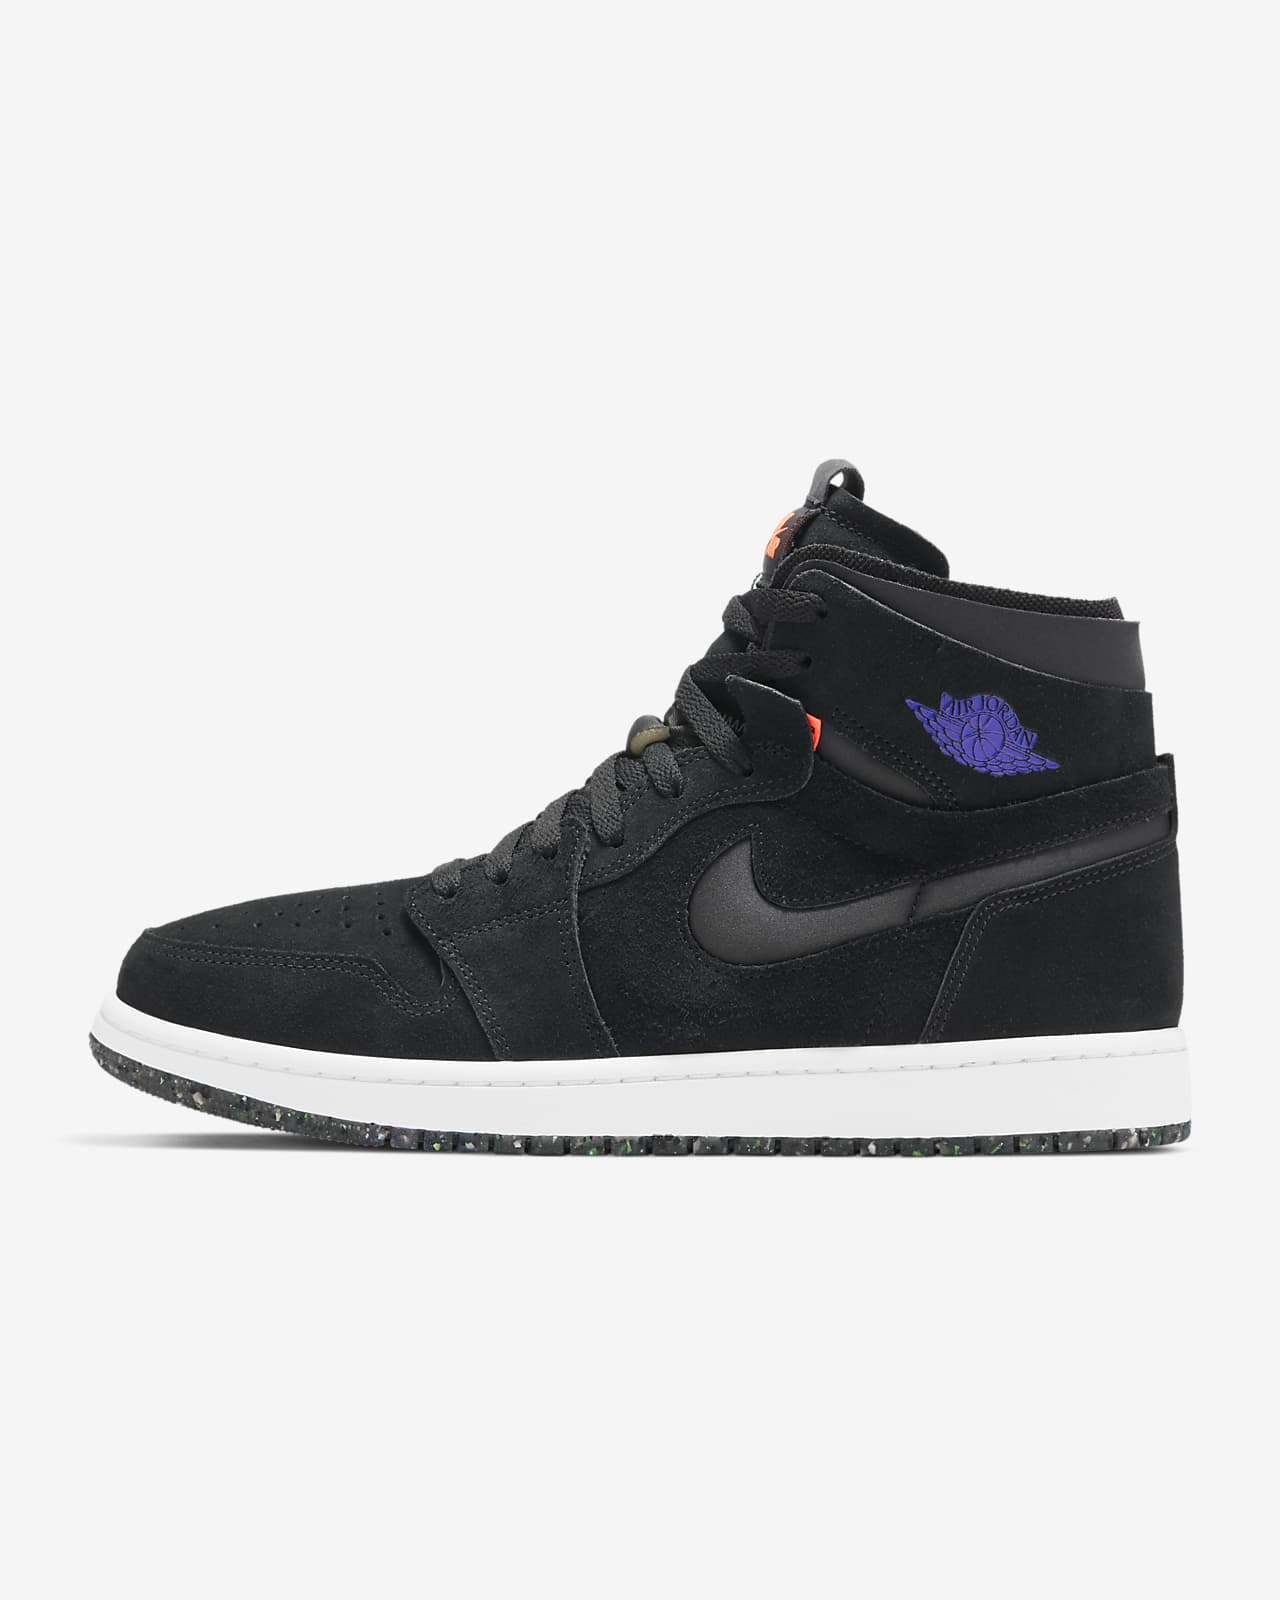 Air Jordan 1 Zoom Cmft Shoe